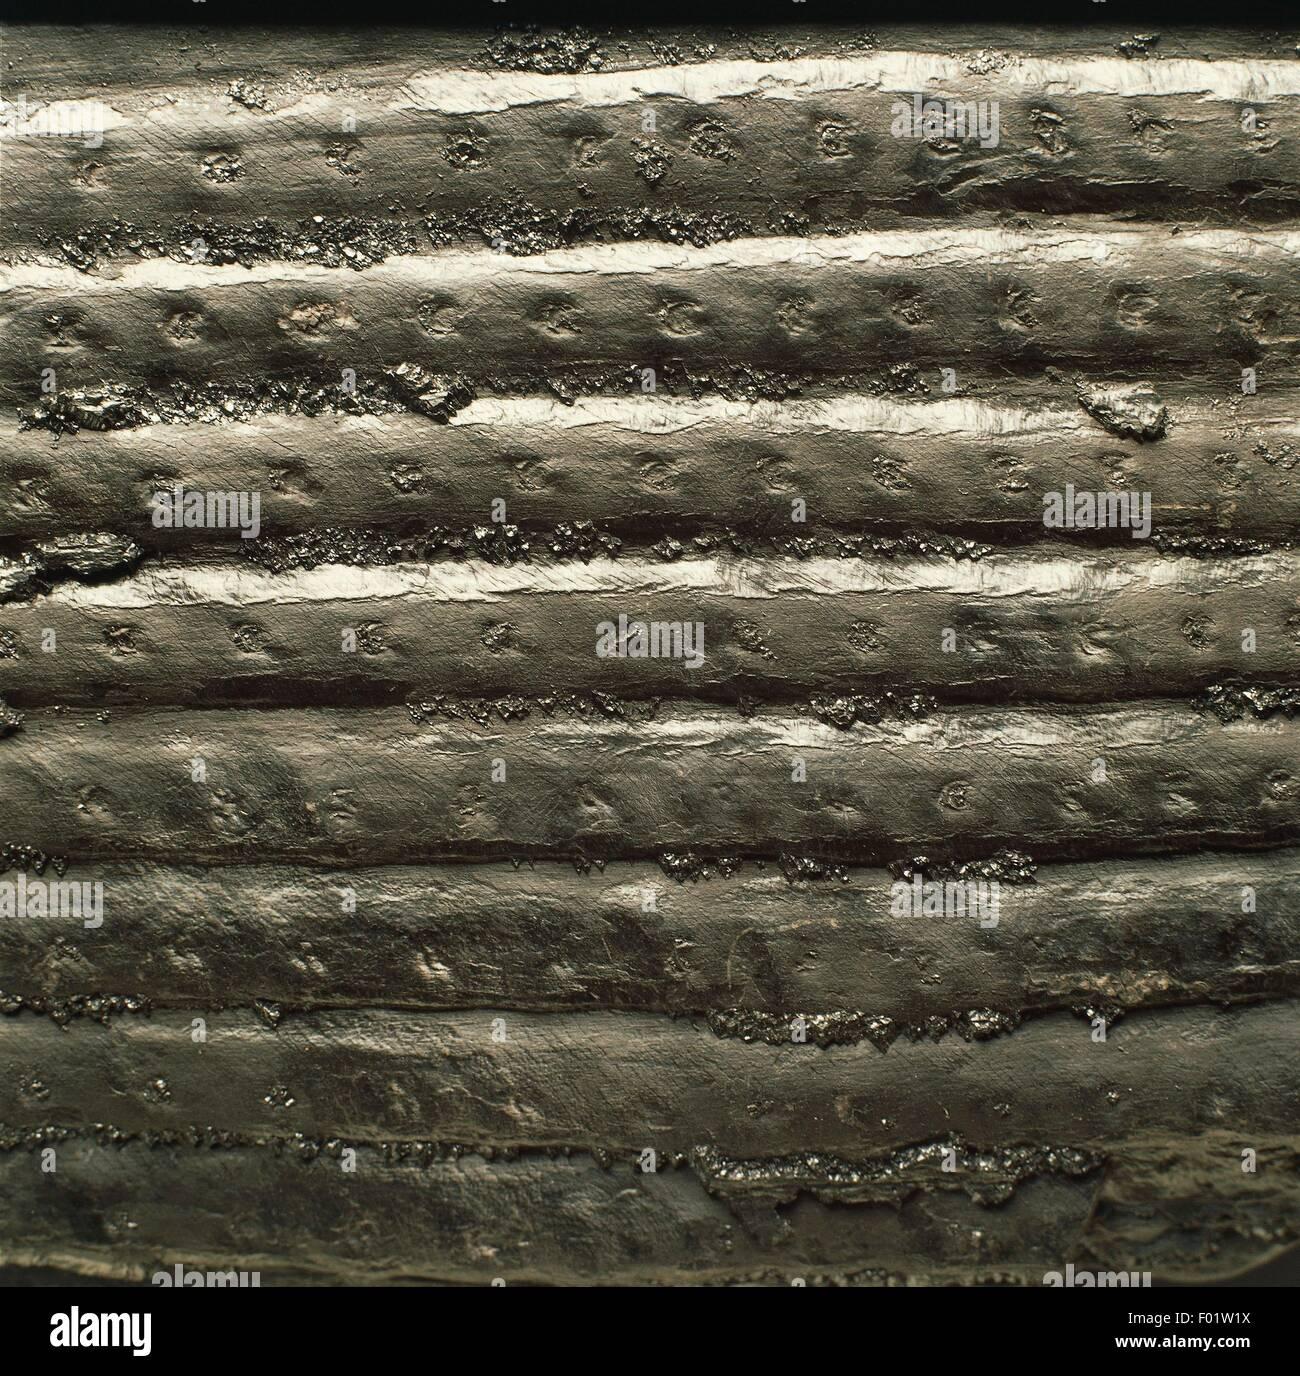 Fossils - Plants - Lycopodiophyta - Isoetopsida - Sigillaria elongata - Carboniferous. Stock Photo